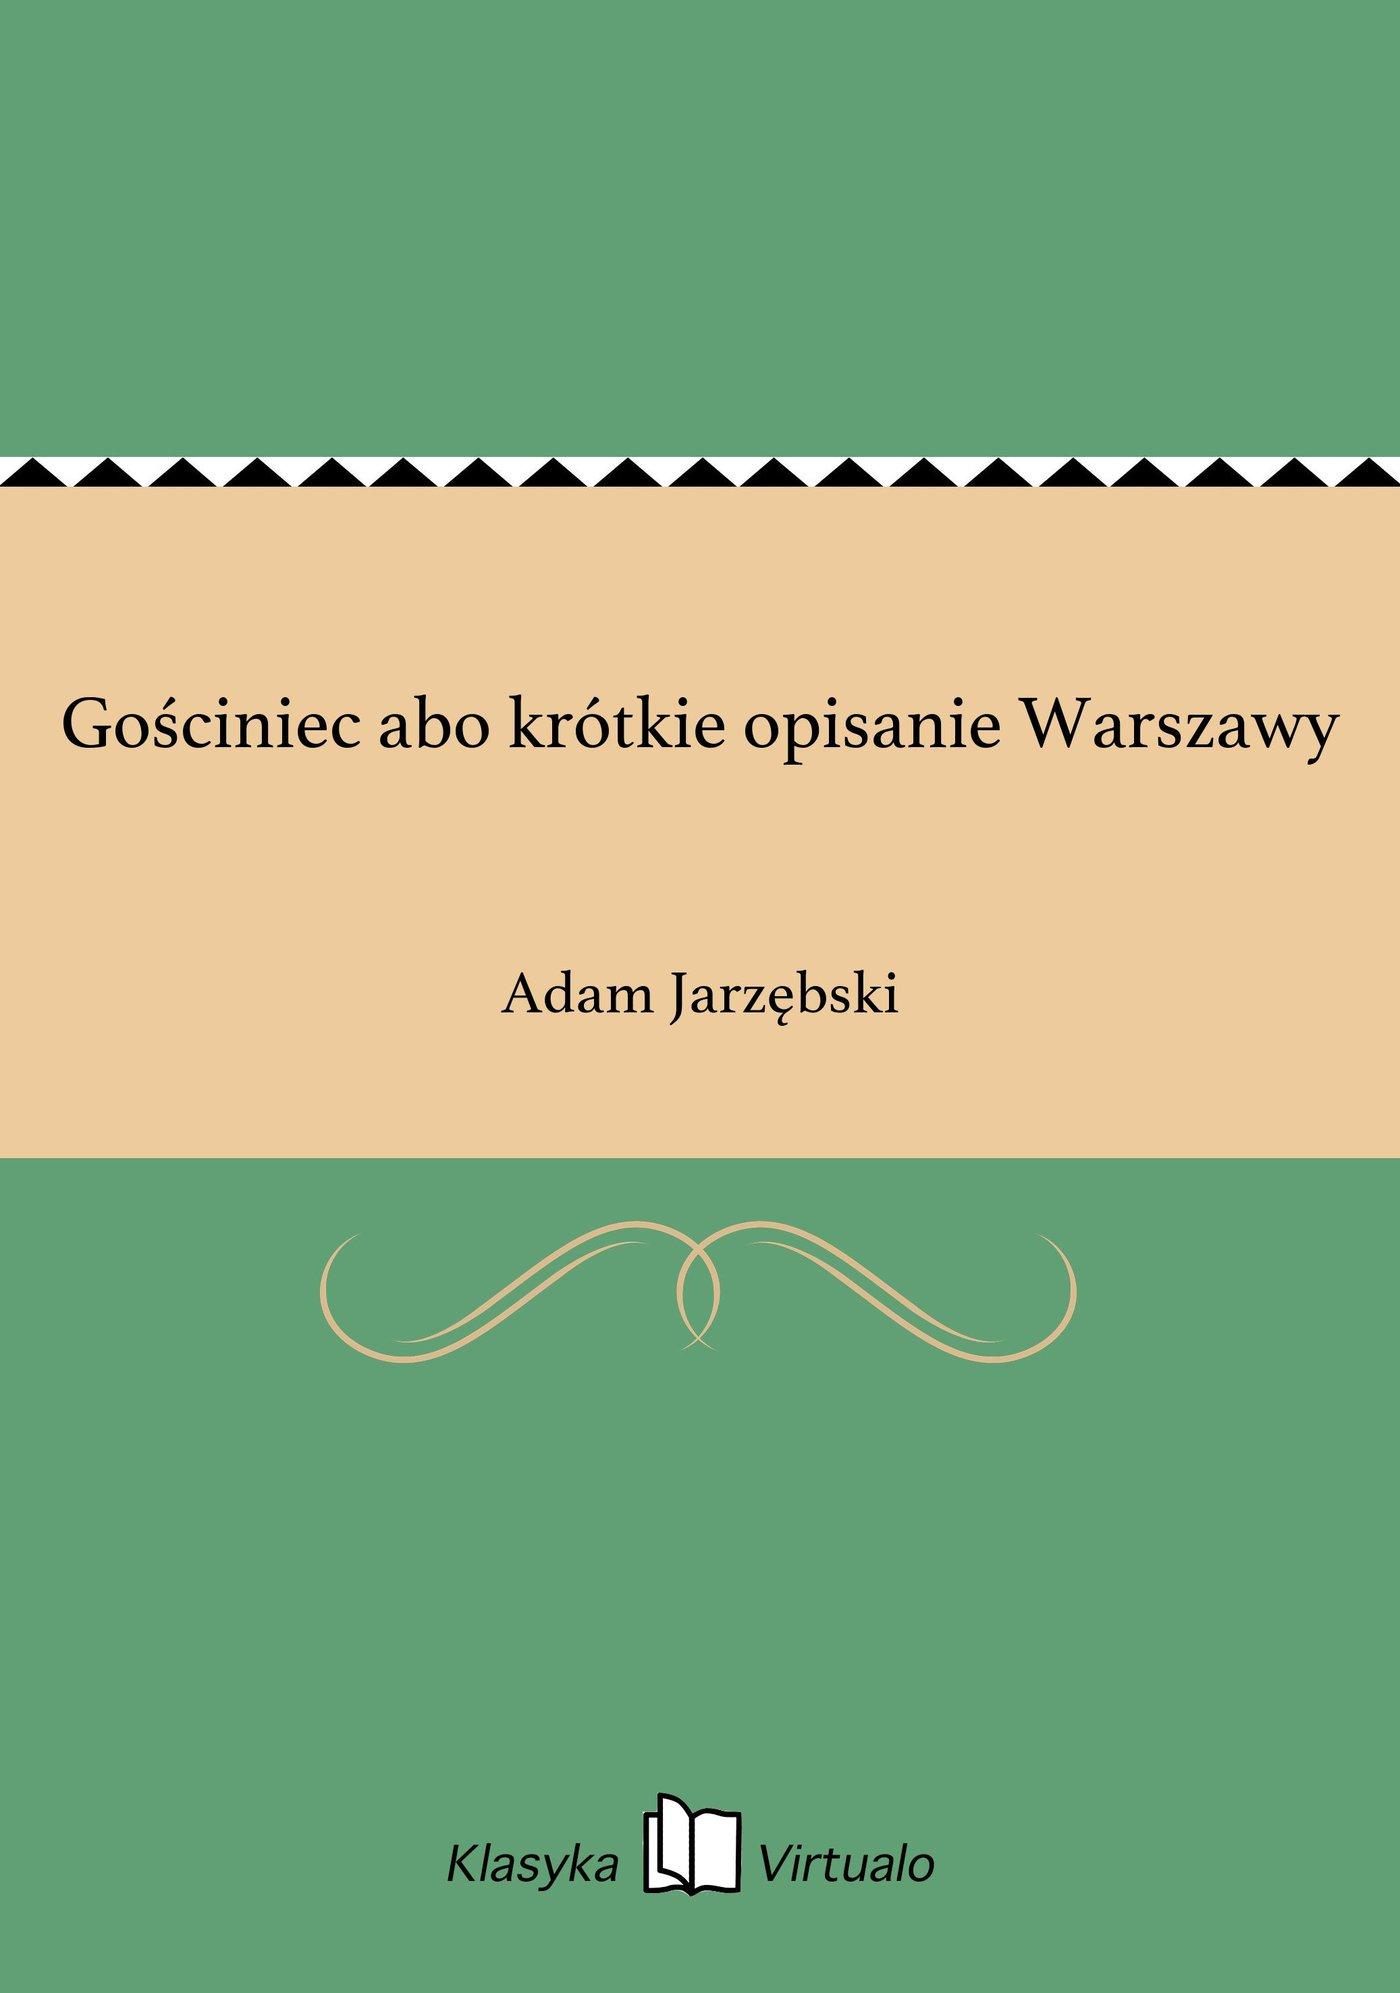 Gościniec abo krótkie opisanie Warszawy - Ebook (Książka EPUB) do pobrania w formacie EPUB